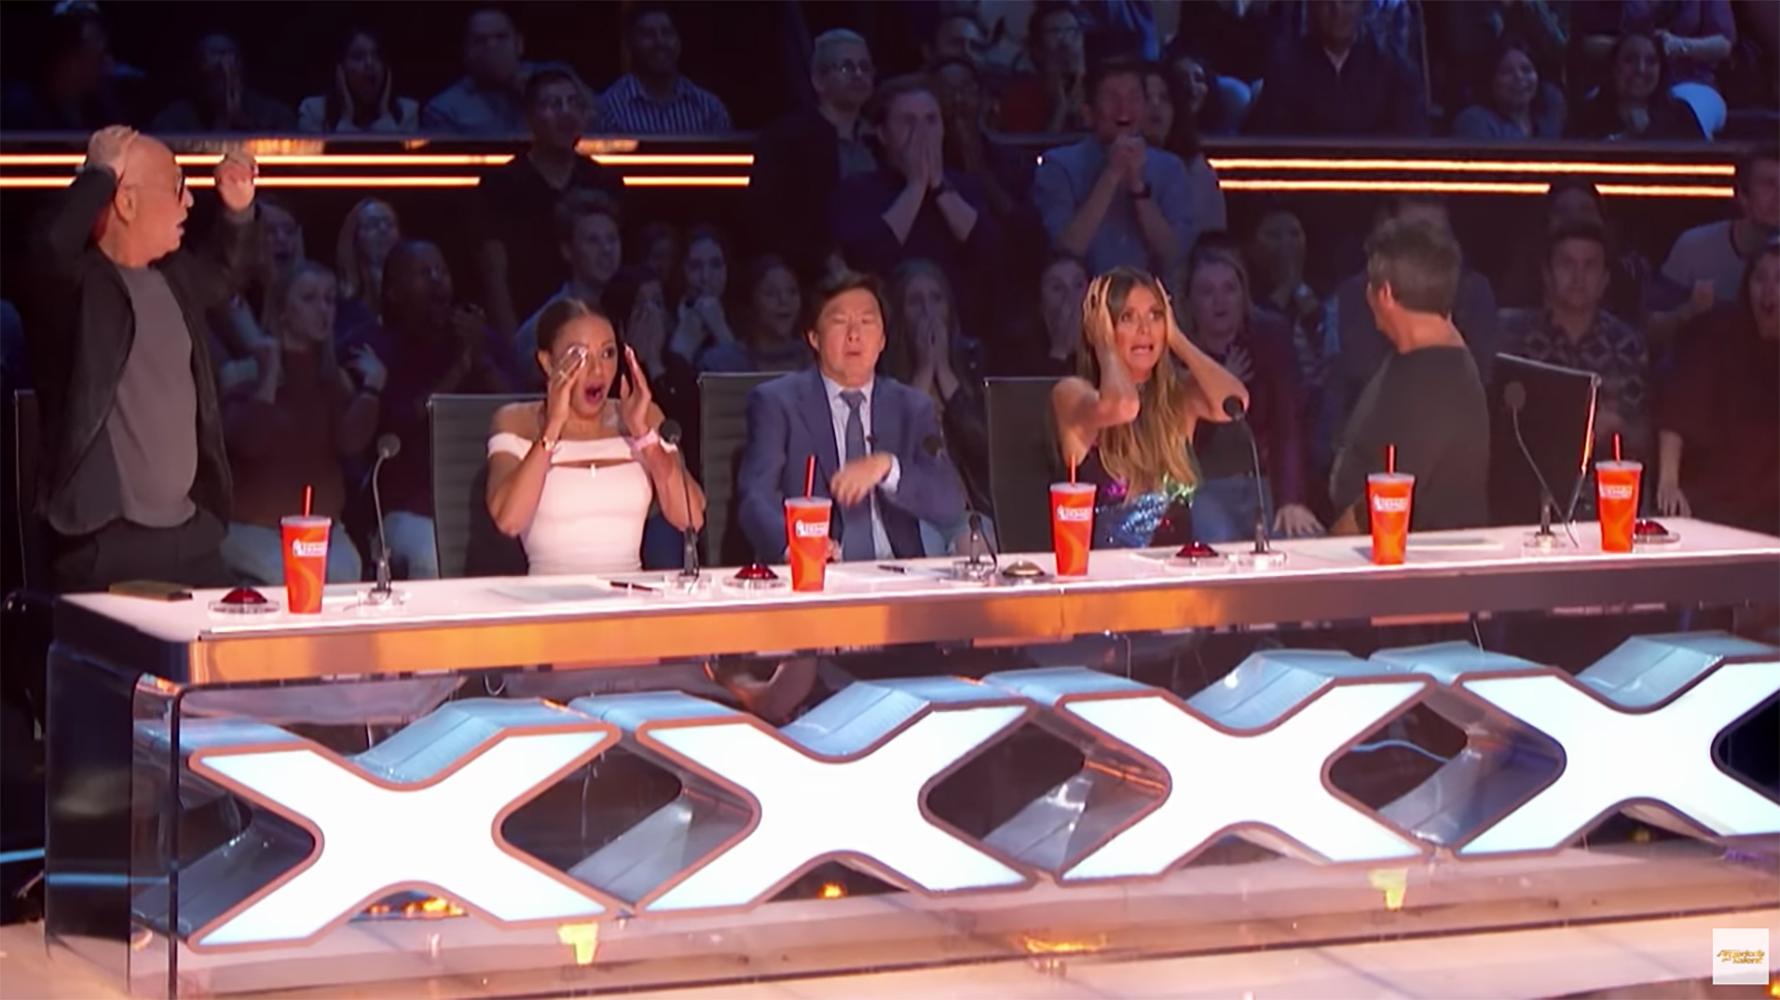 El jurado de America's Got Talent